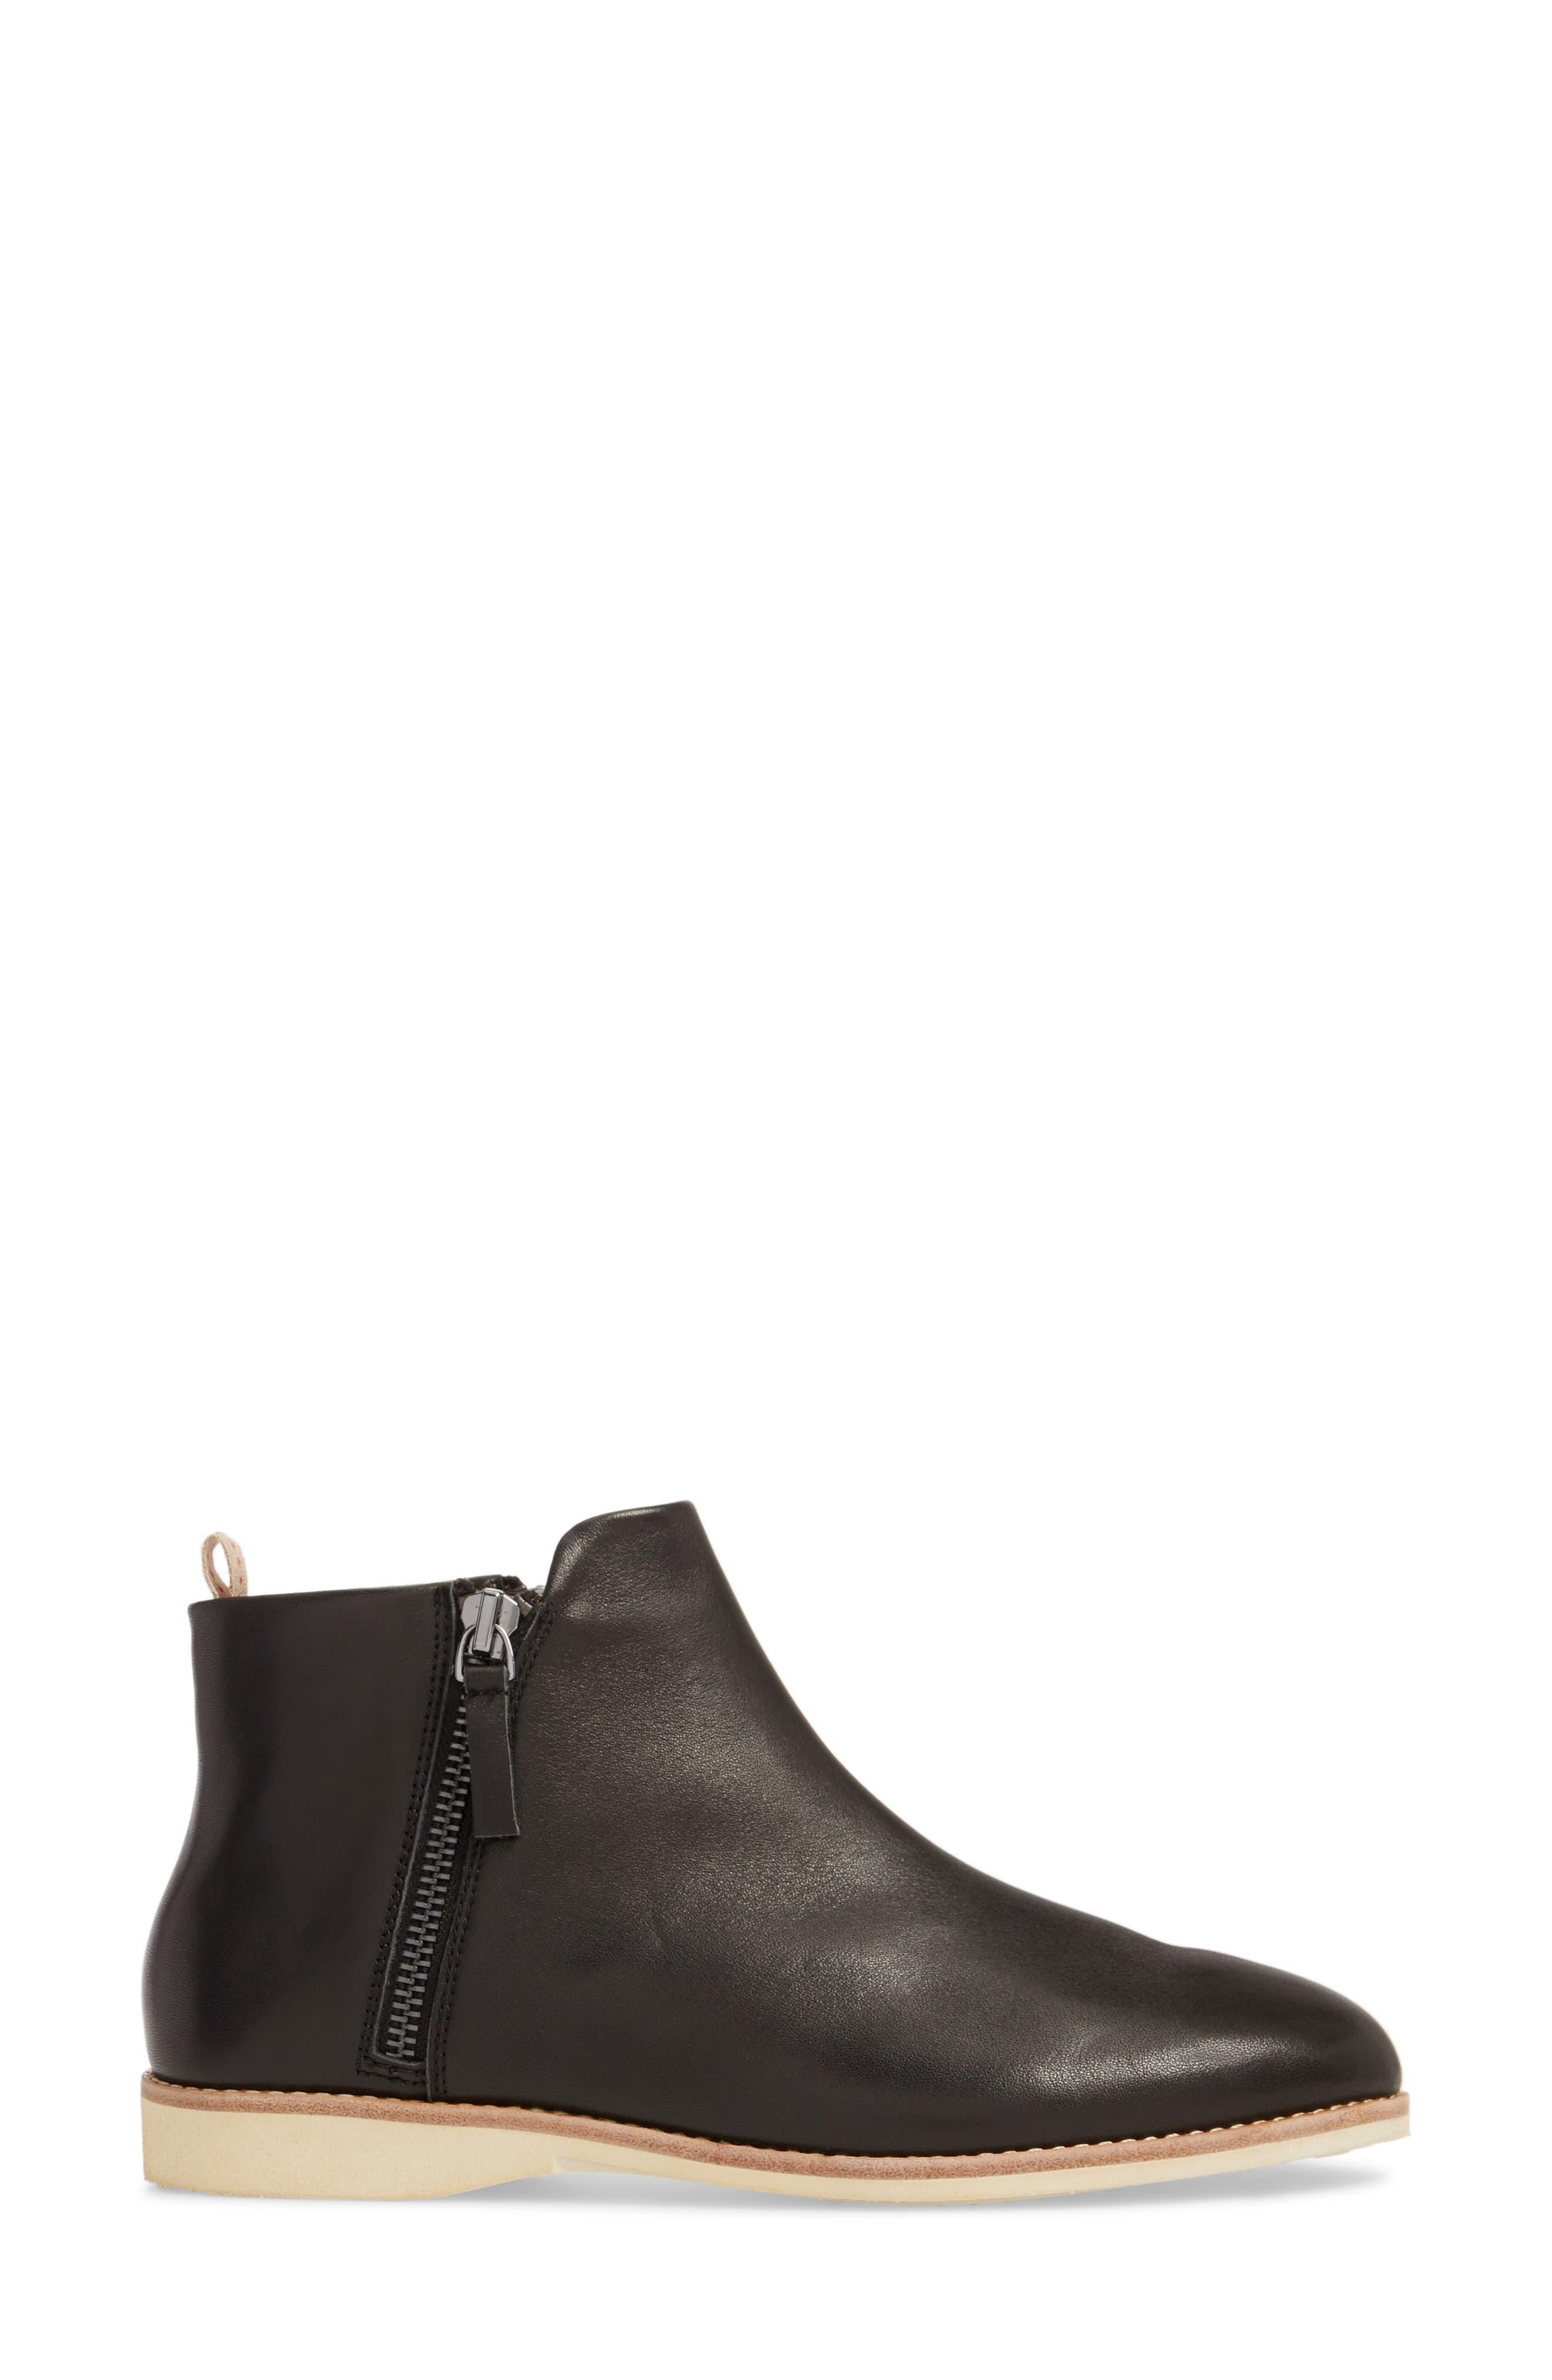 Double Zip Bootie,                             Alternate thumbnail 5, color,                             Black Leather